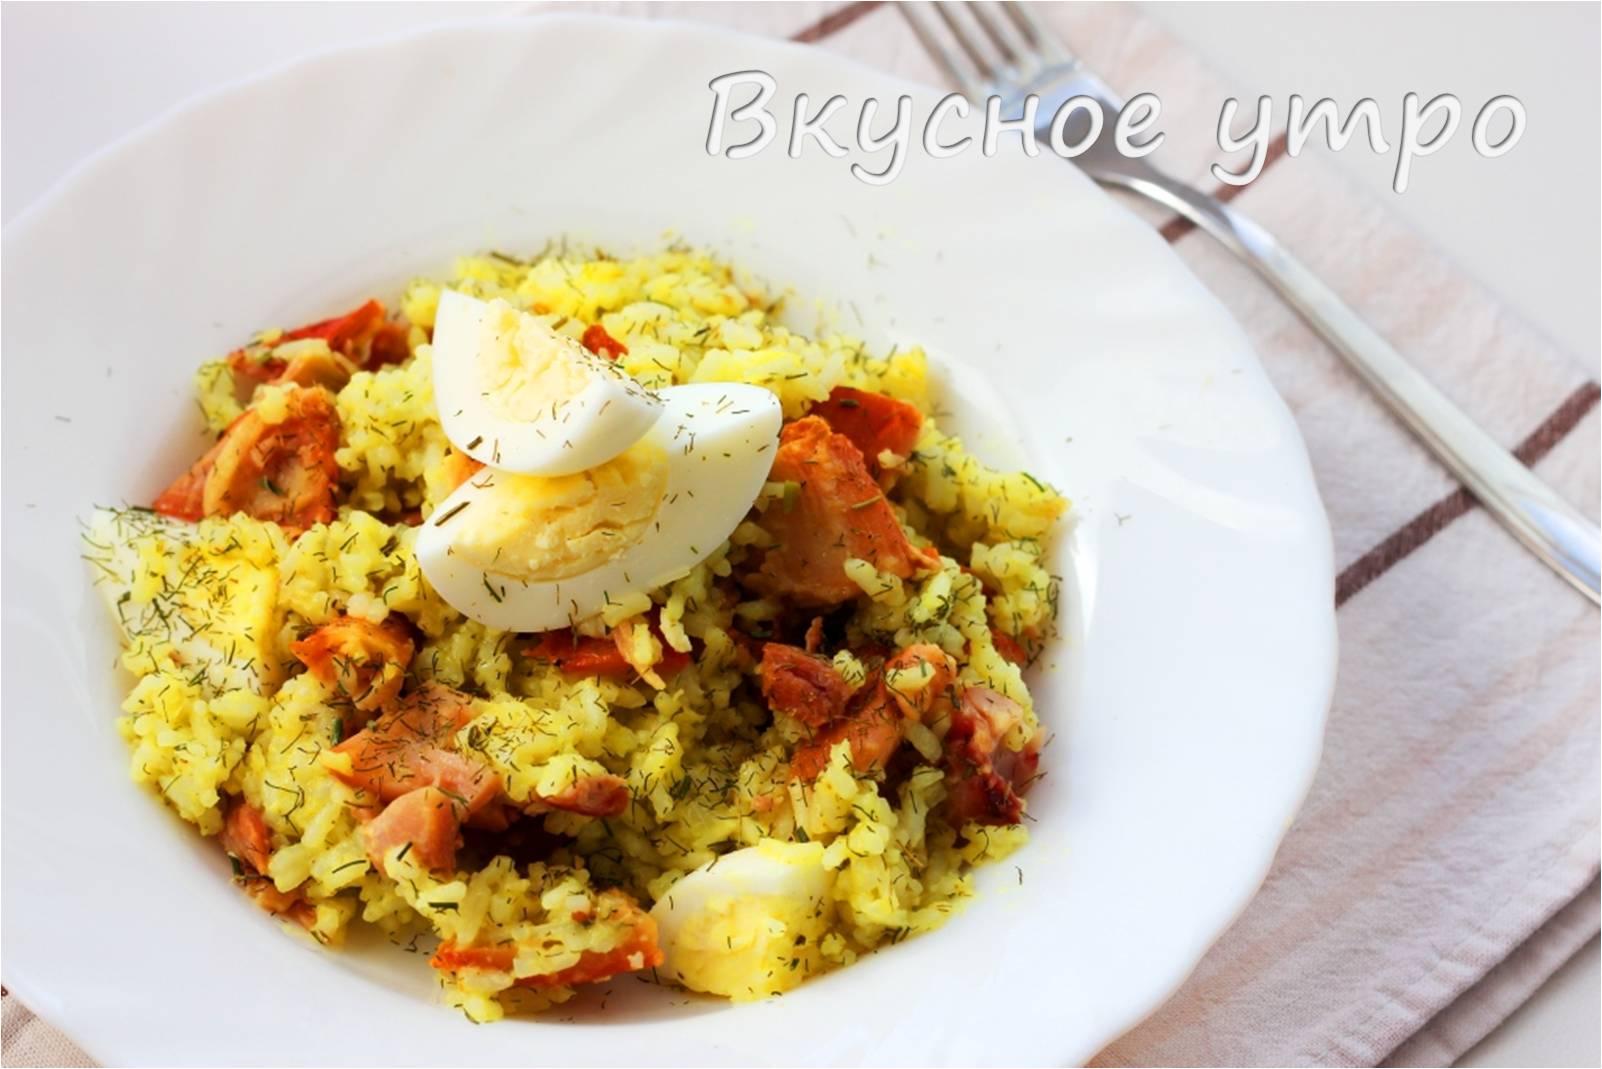 приготовить блюдо из курицы и риса